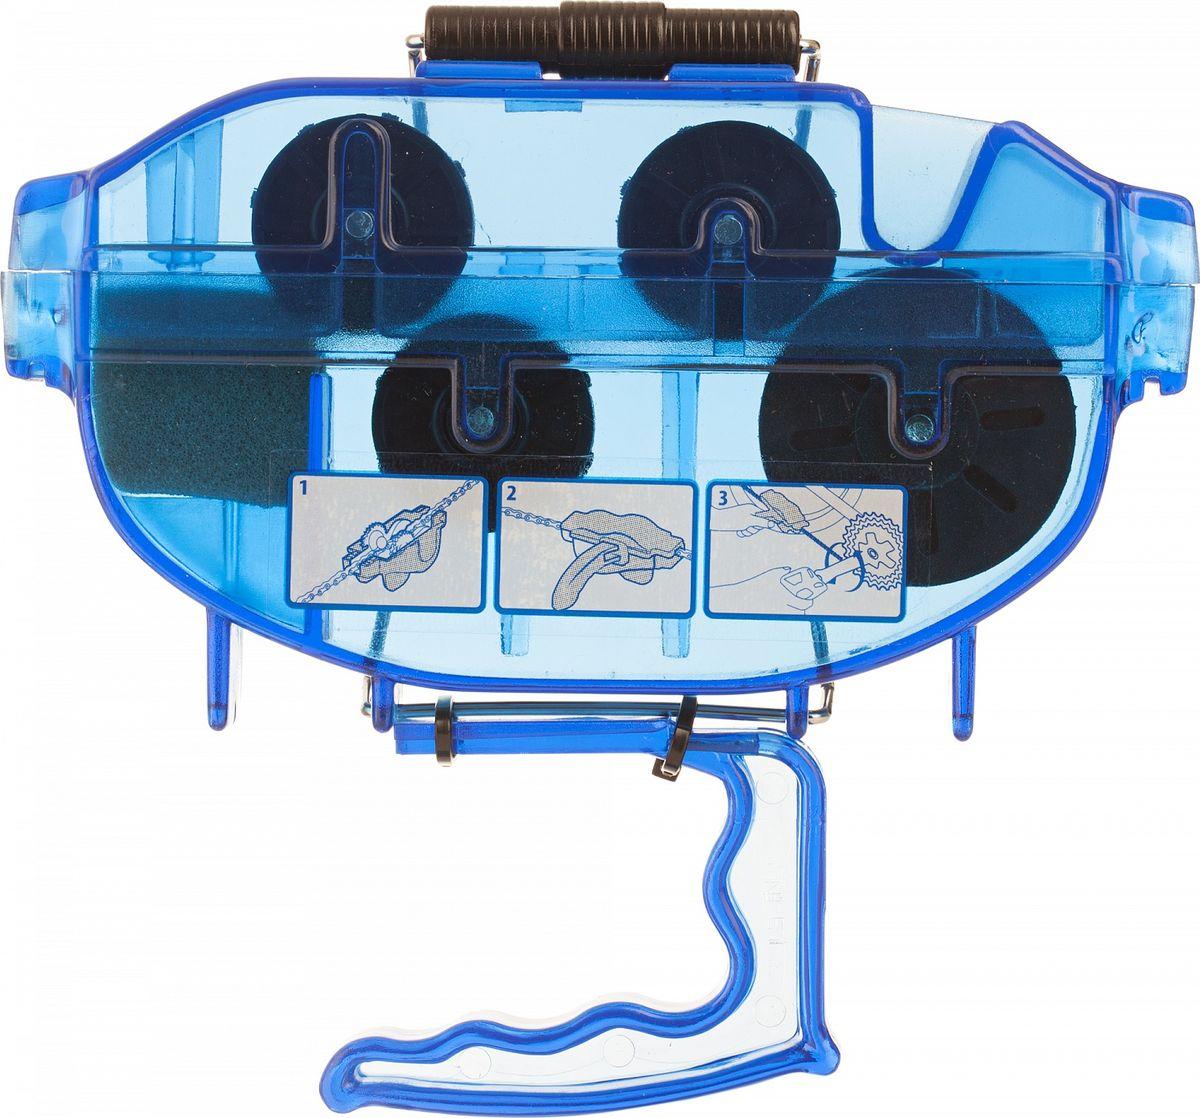 Машинка для чистки велосипедной цепи Cyclotech Chain Cleaner, цвет: синий автомобильный gps навигатор garmin drivesmart 51 lmt s europe